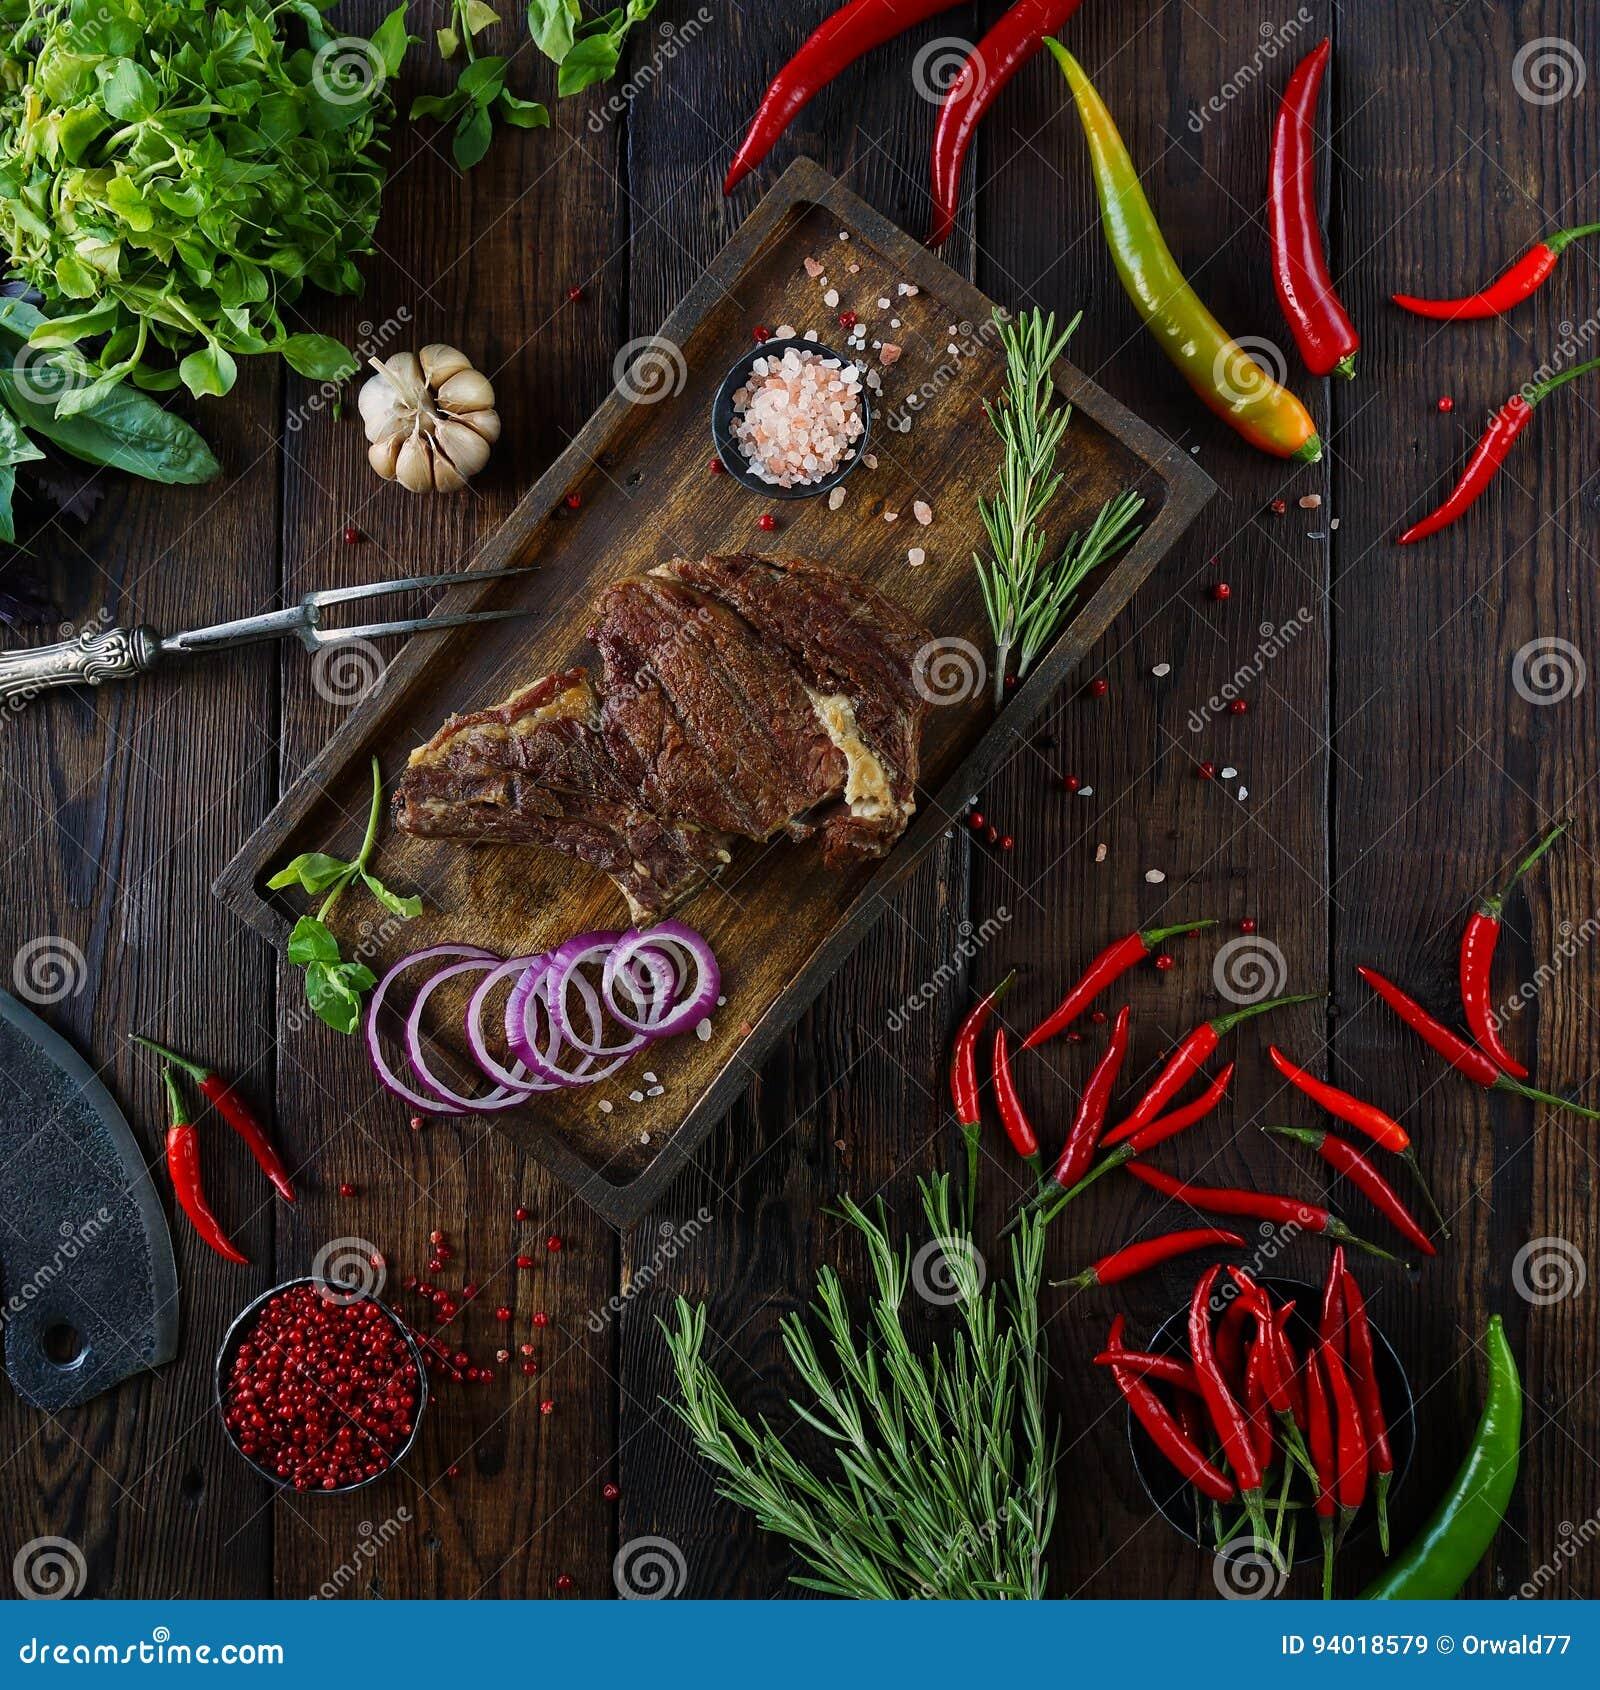 Gebratenes Fleisch mit Zwiebeln, Knoblauch, Gewürzen, frischen Kräutern, rotem Pfeffer und Salz